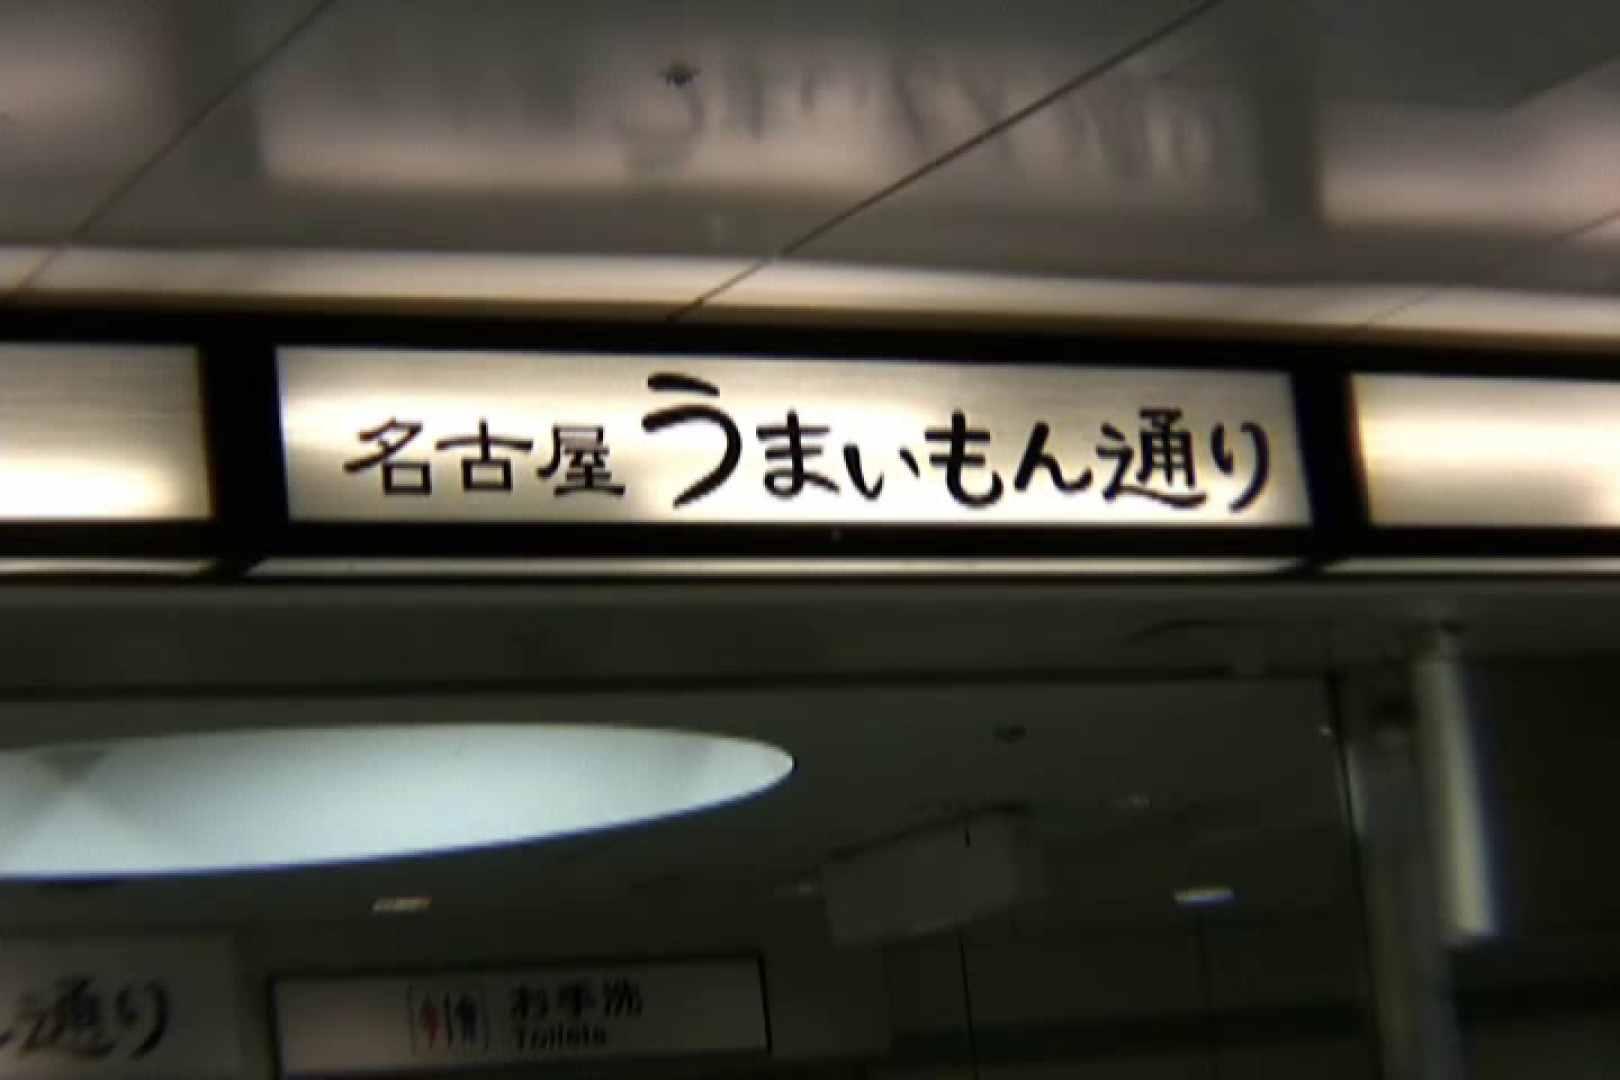 ハイビジョンパンチラ オッテQさんの追跡パンチラ制服女子編Vol.05 ミニスカート AV動画キャプチャ 93連発 5